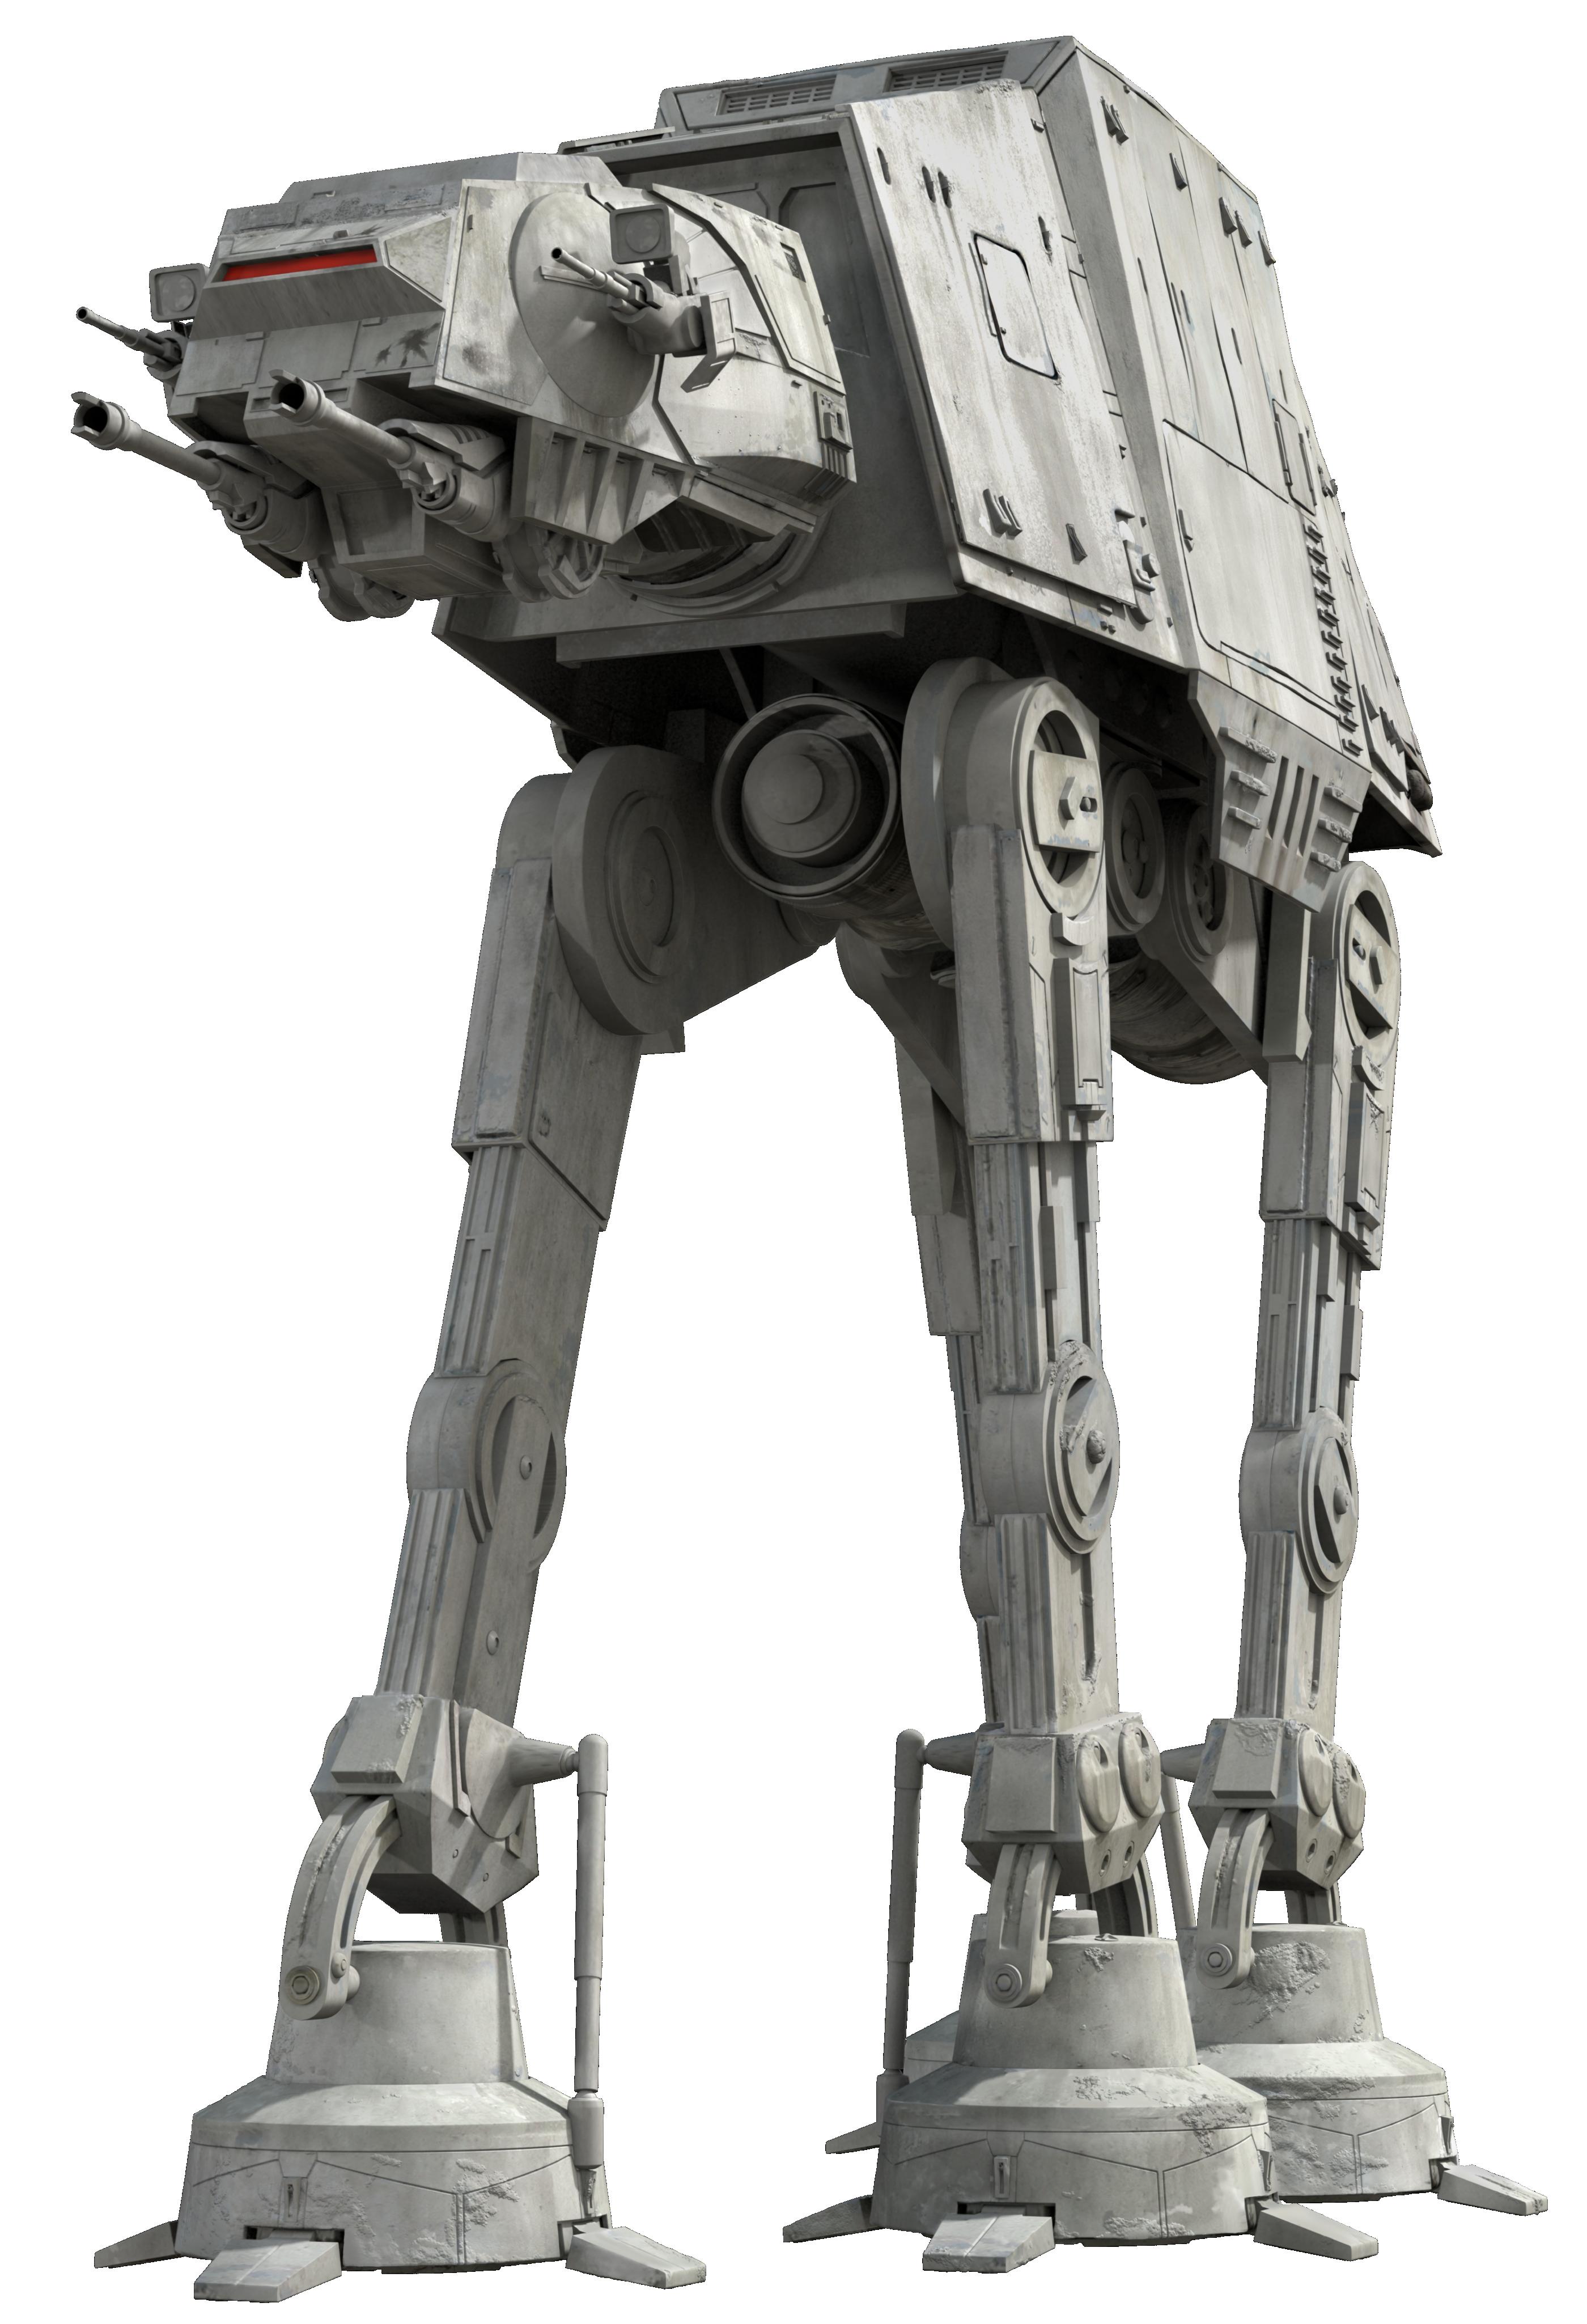 At At Fathead Png 1550 2090 Star Wars Ships Star Wars Vehicles Star Wars Characters